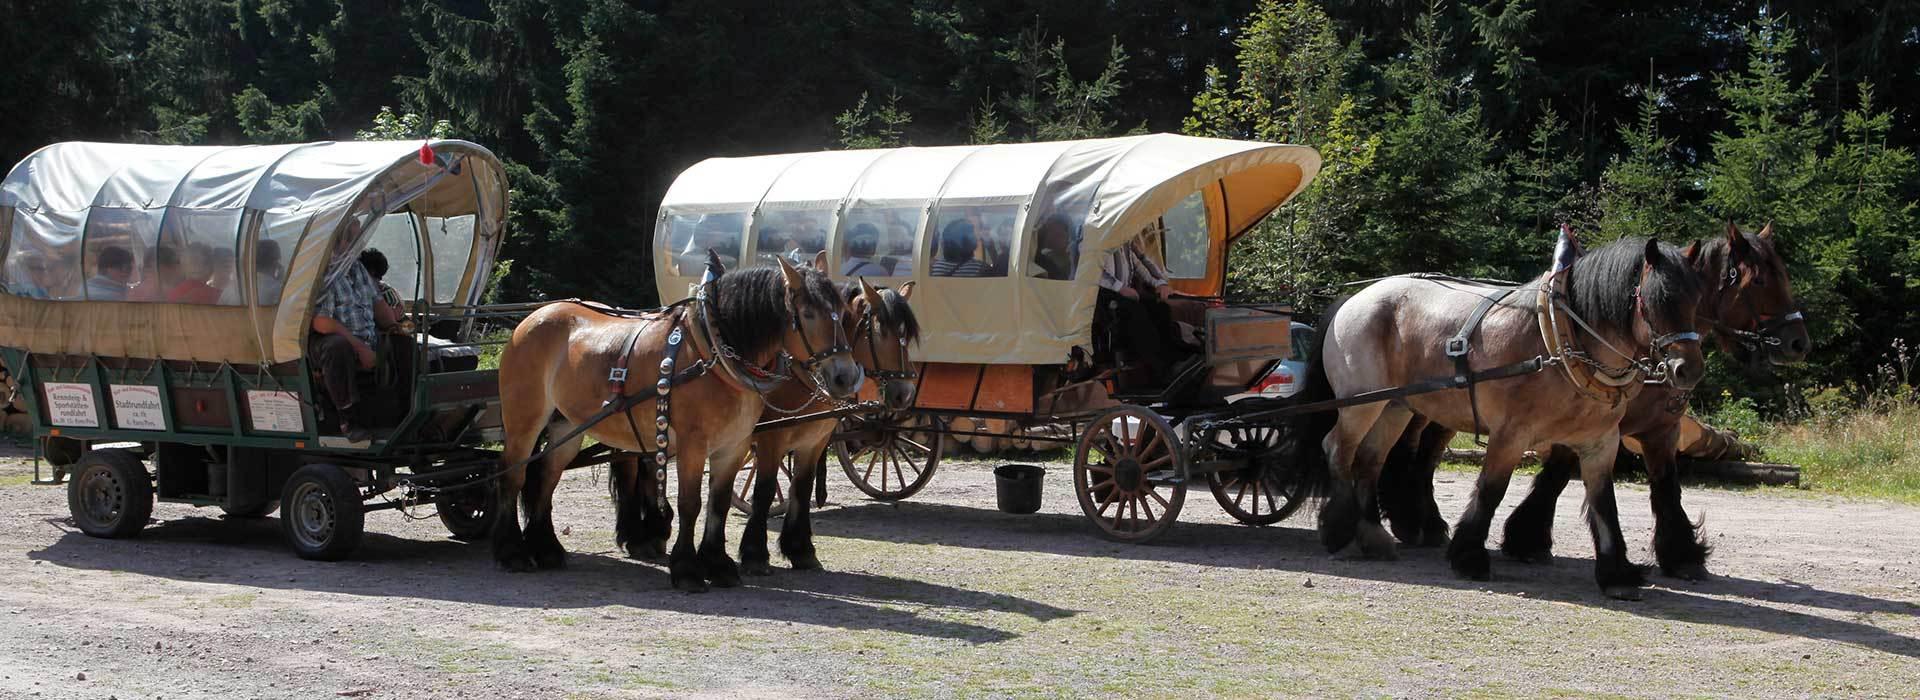 Planwagenfahrt für Gruppenreise im Thüringer Wald